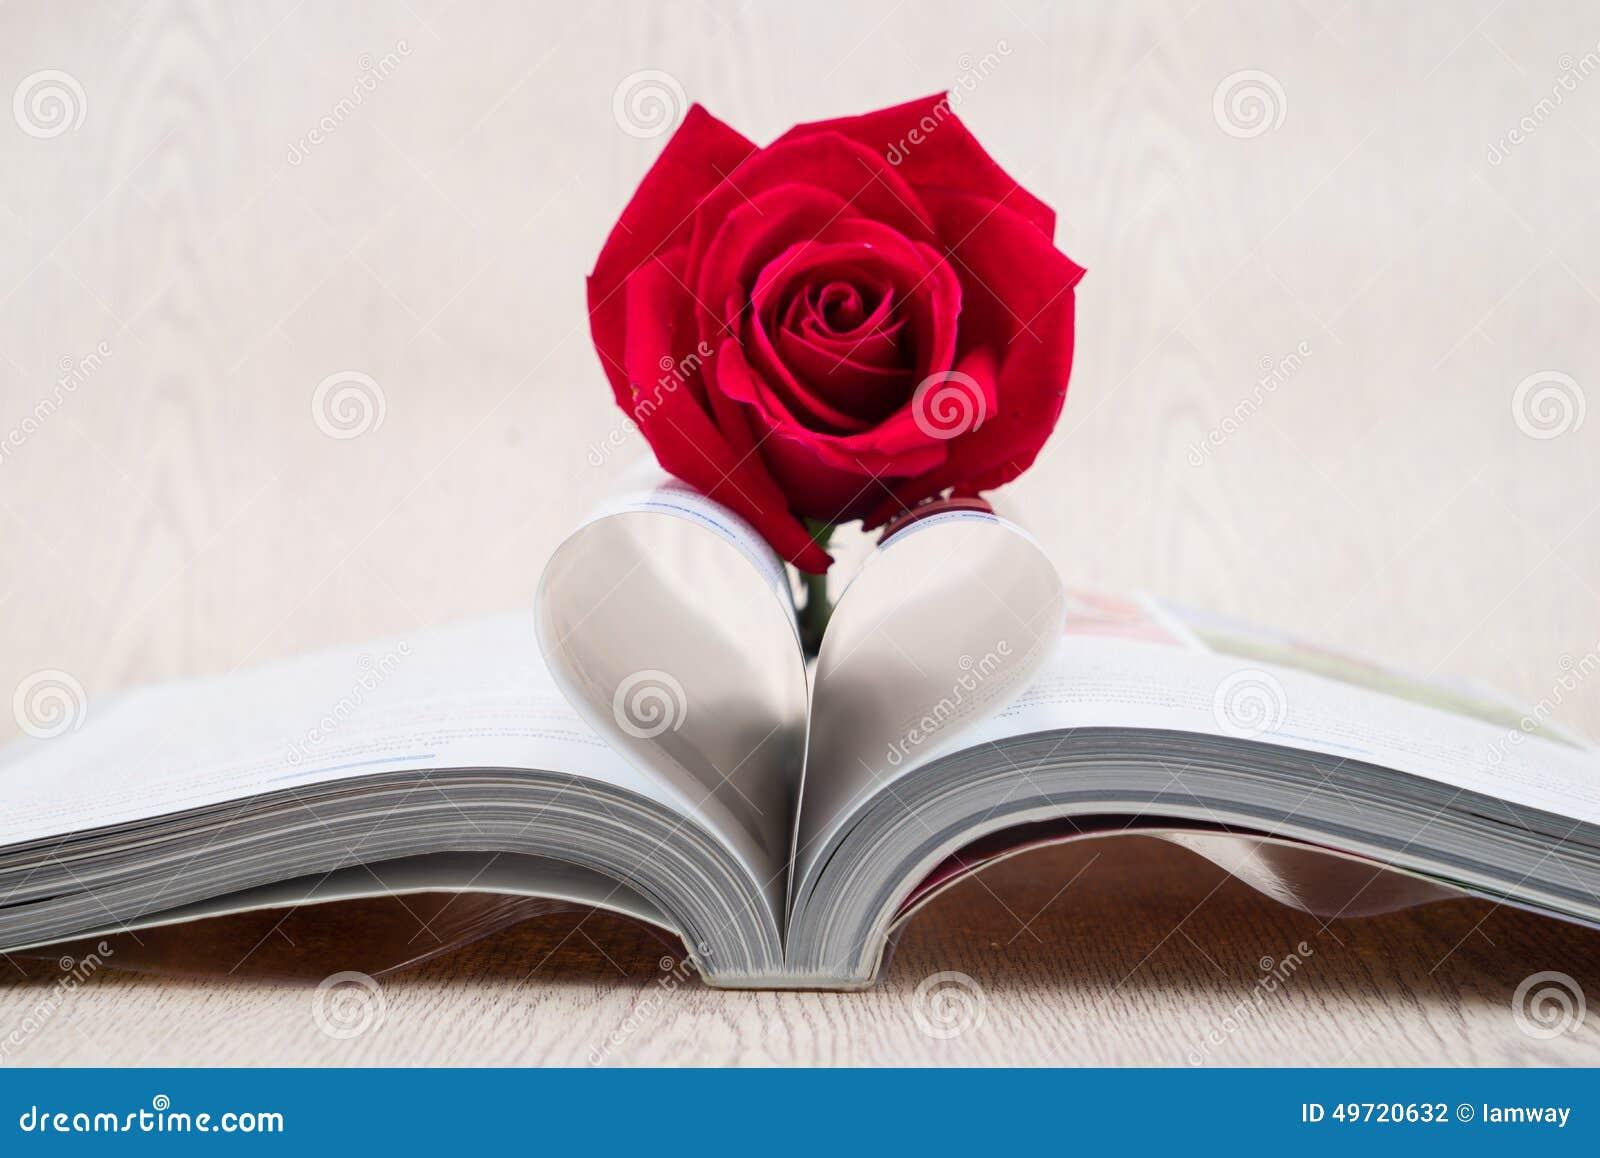 Rose a placé sur la page de livres qui est pliée dans une forme de coeur